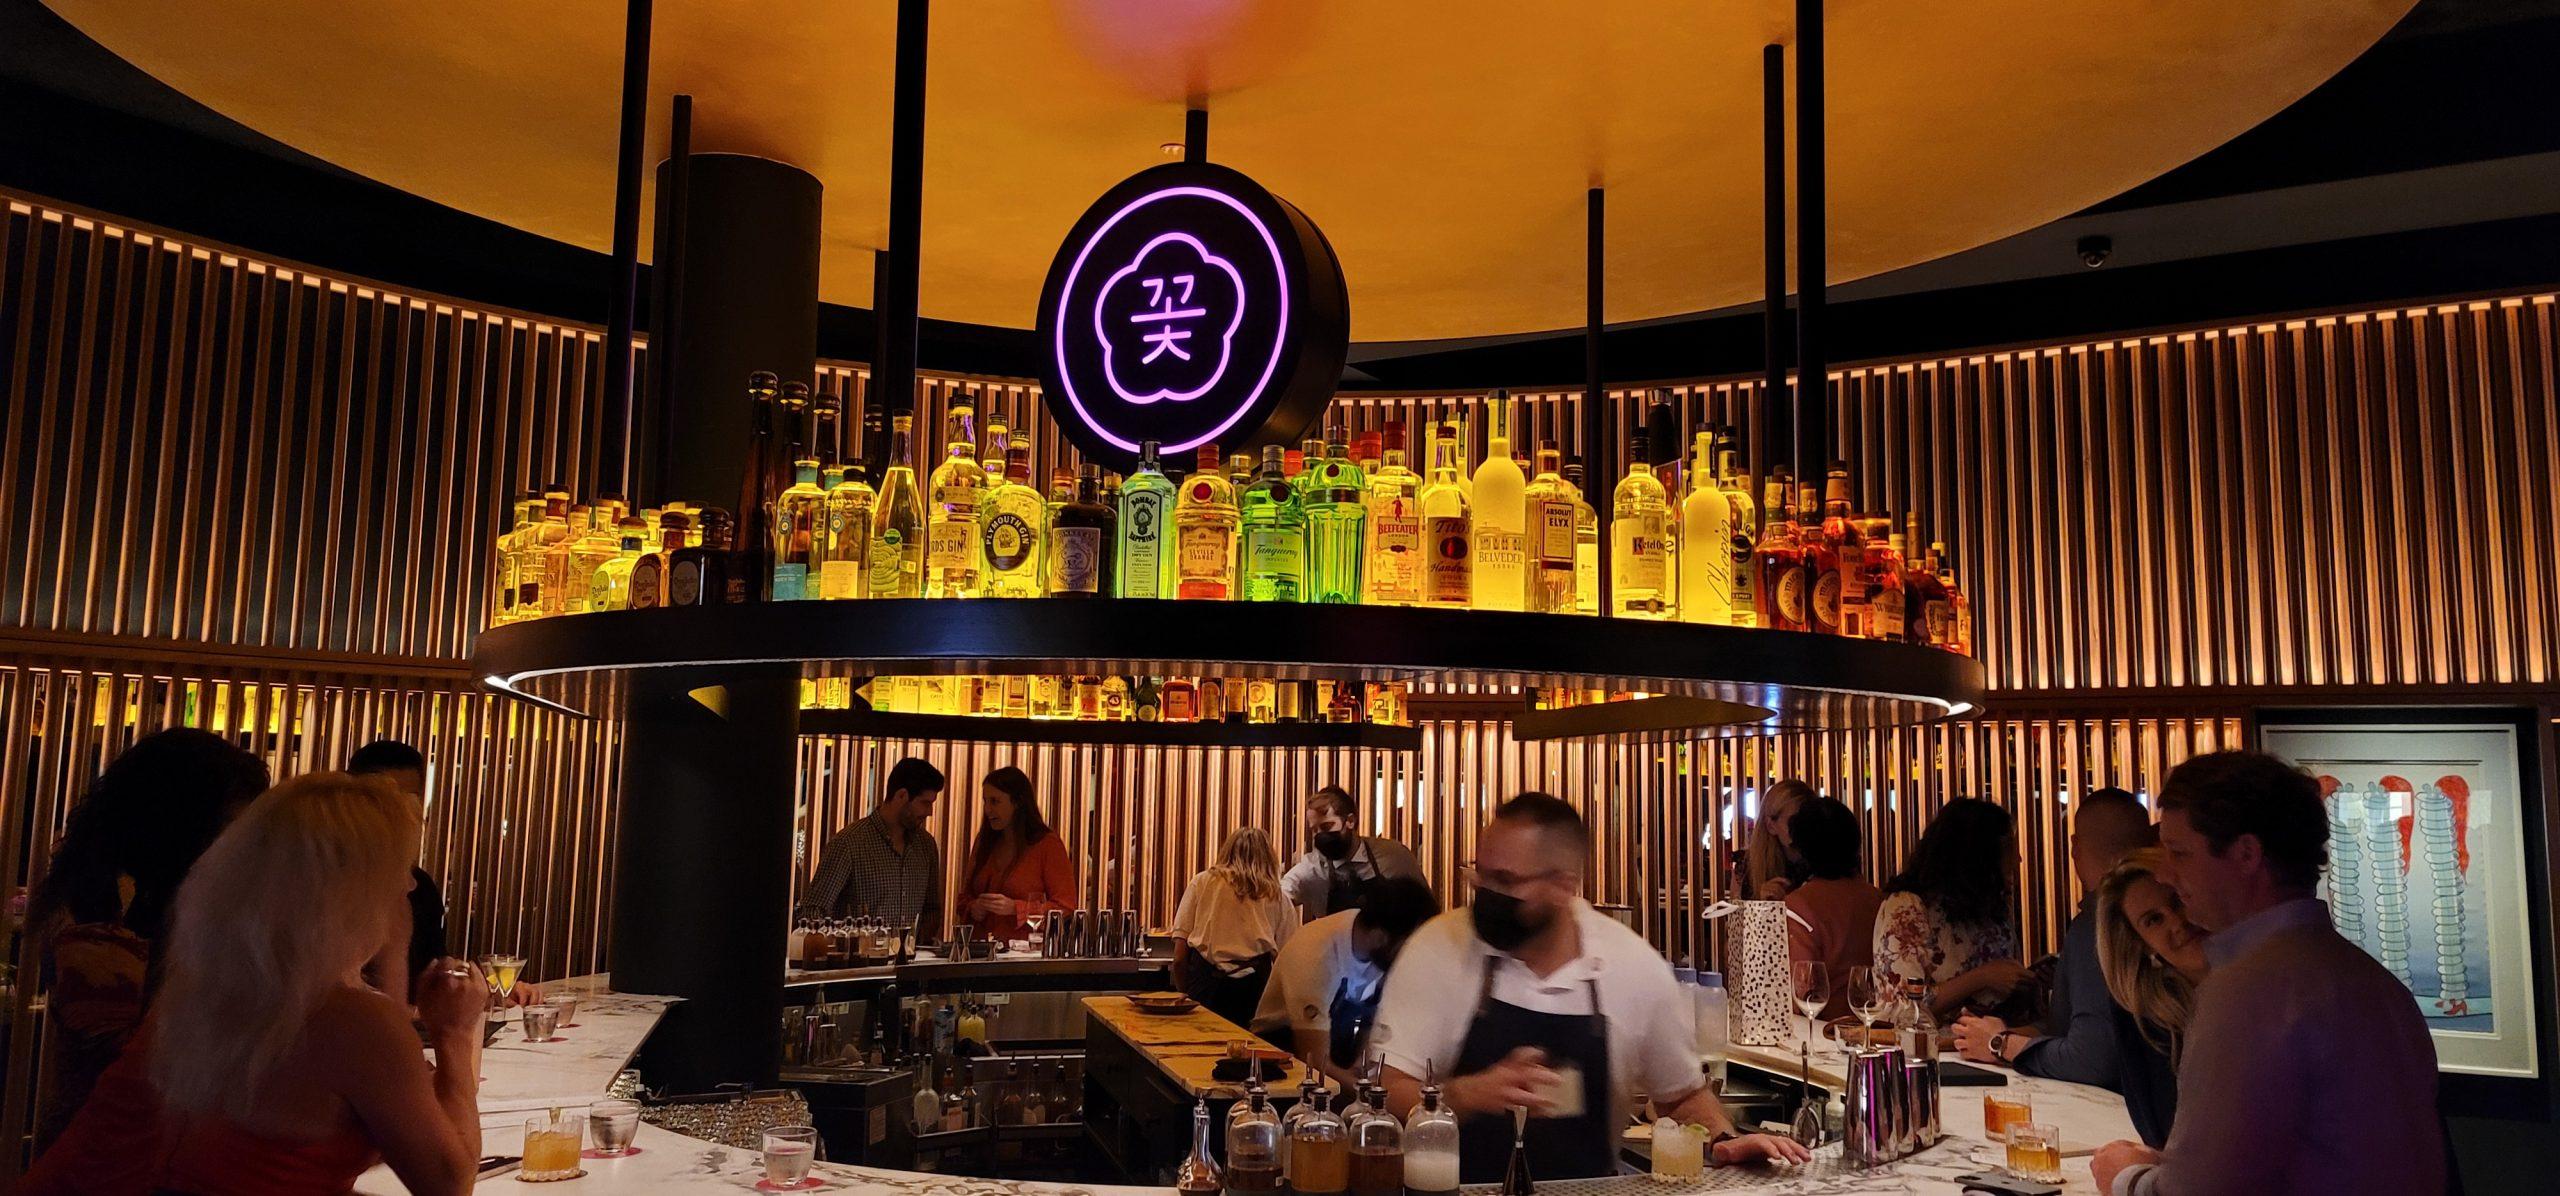 The bar at Cote Miami